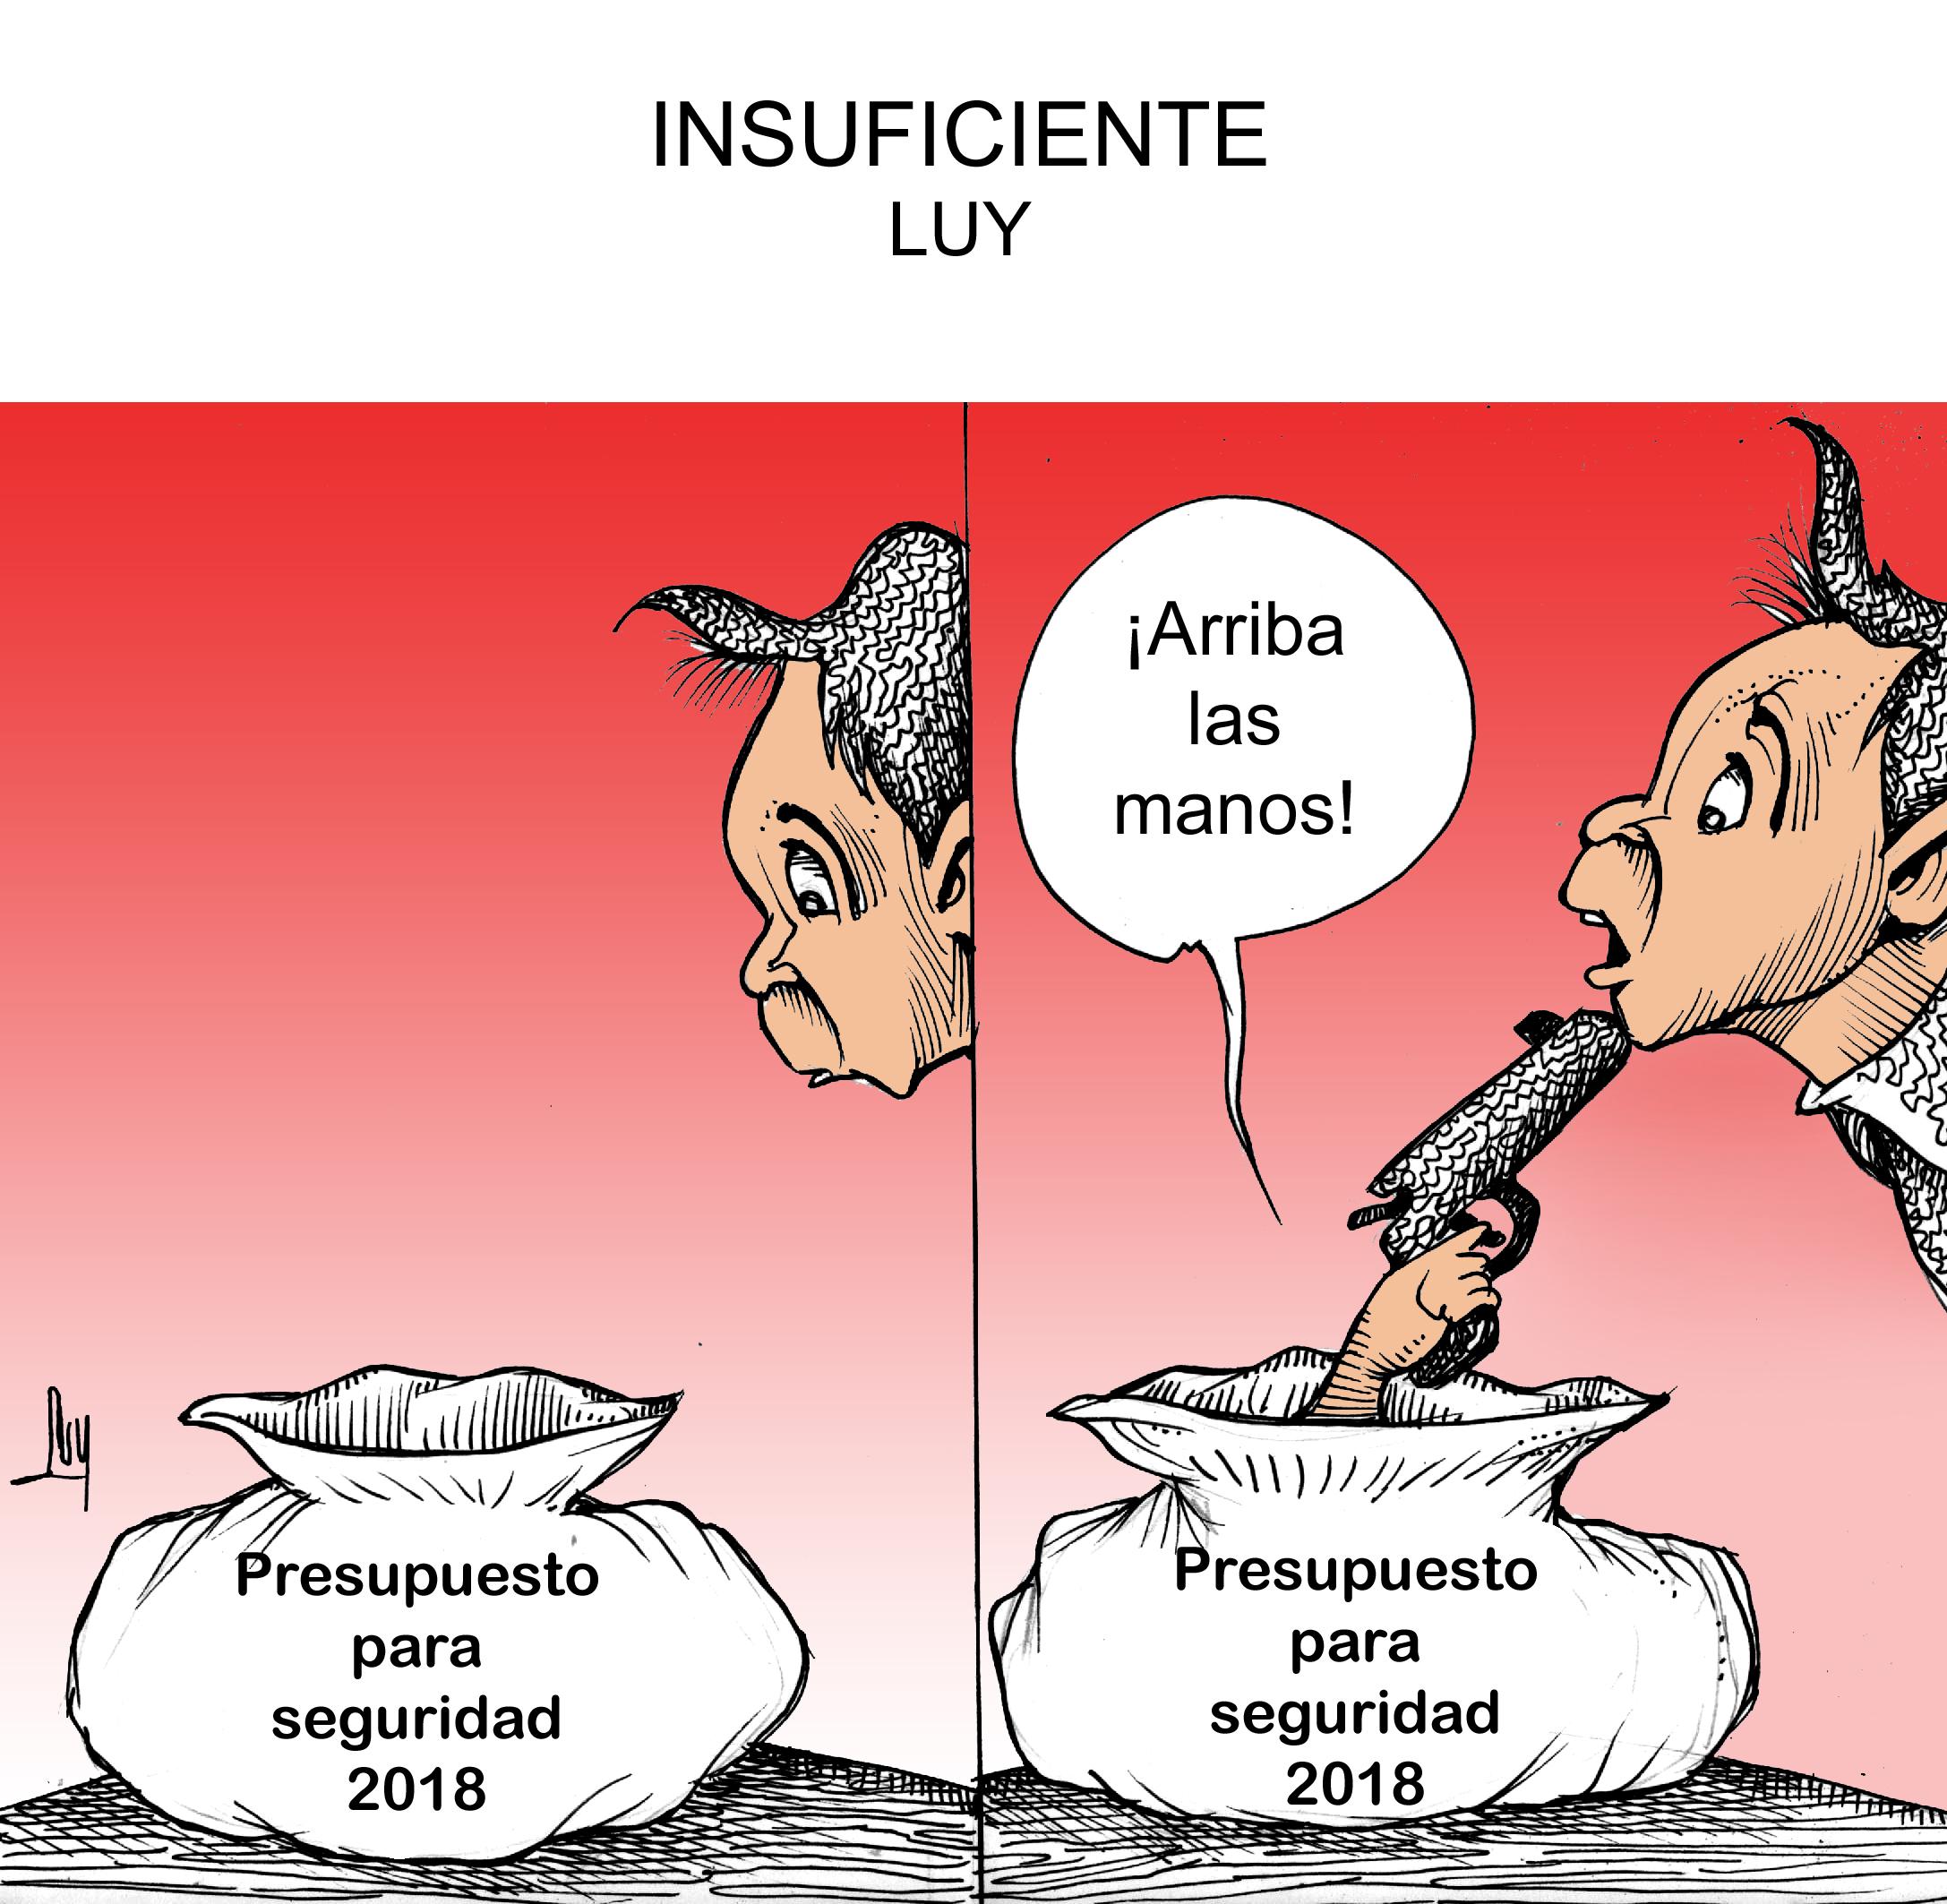 insuficiente